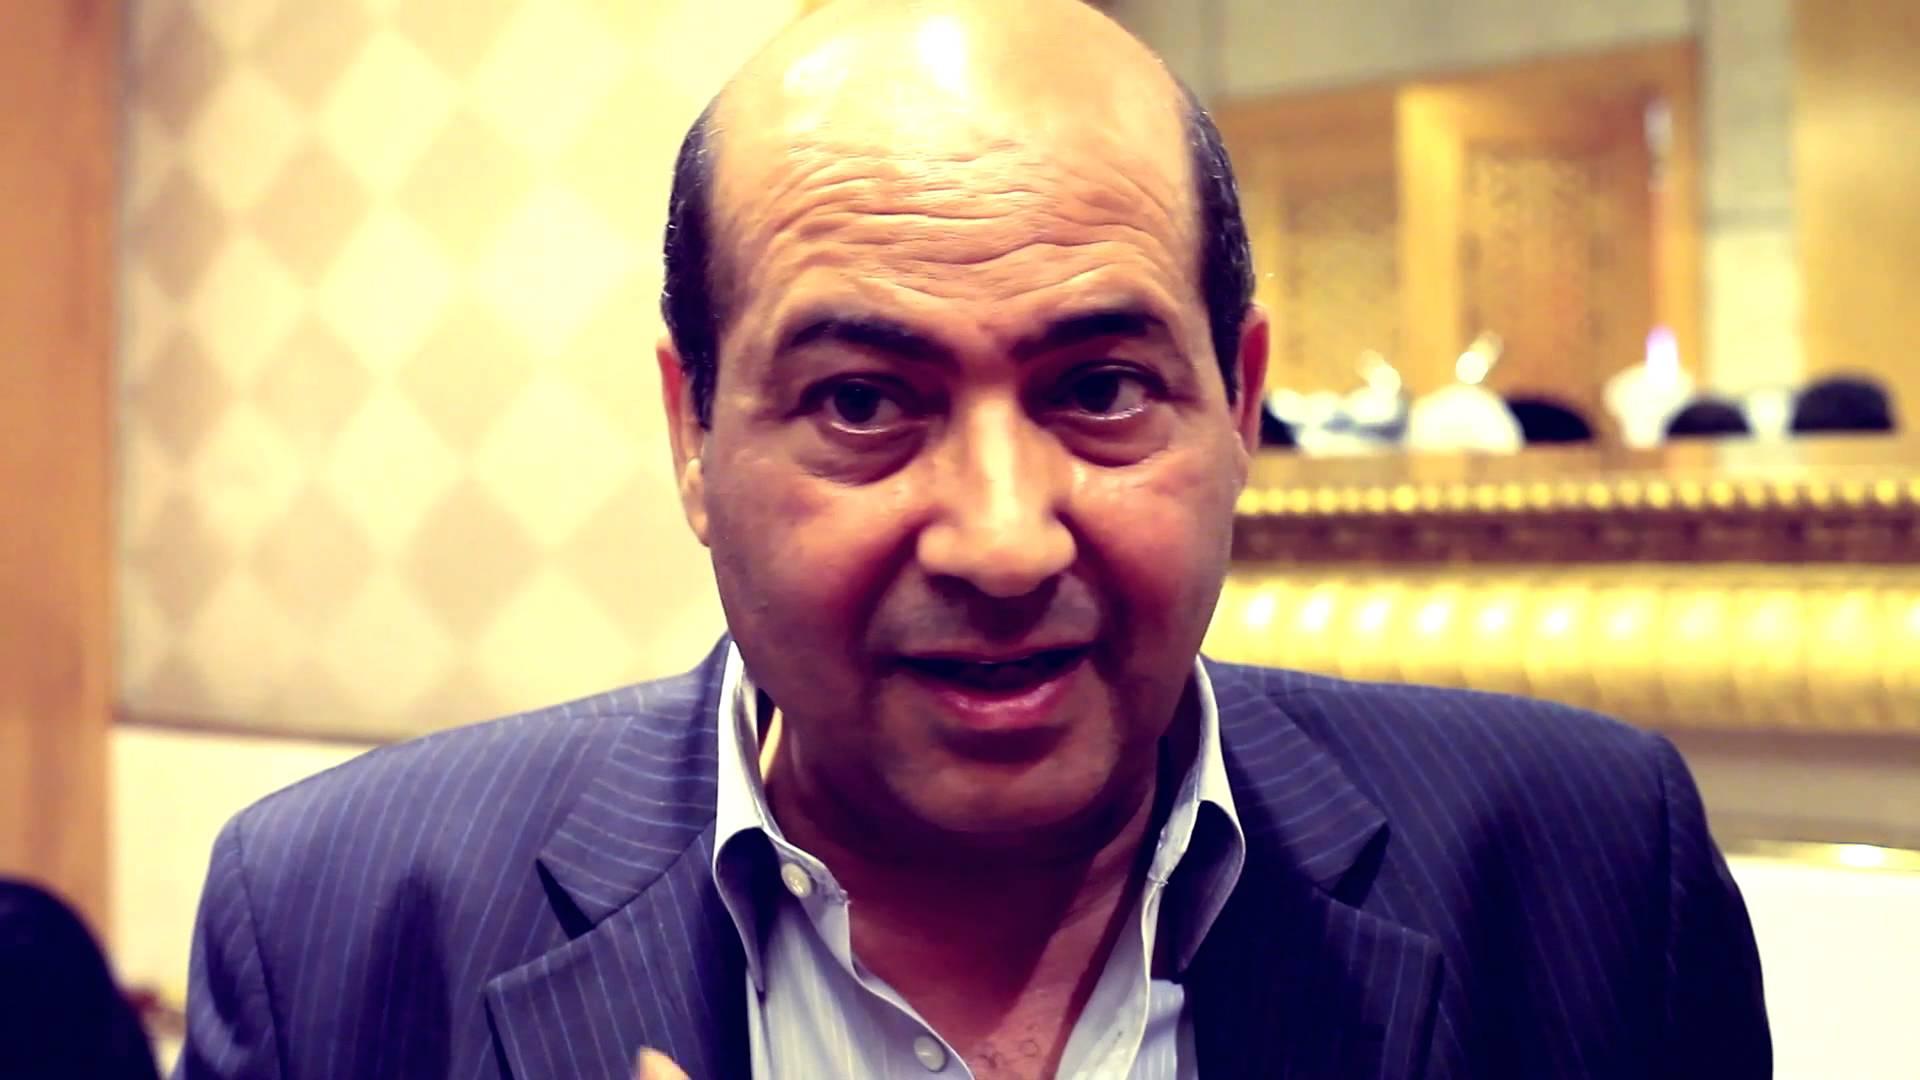 صورة طارق الشناوي | يكتب : بسمة وخالد أبوالنجا يدفعان ثمن مواقفهما السياسية